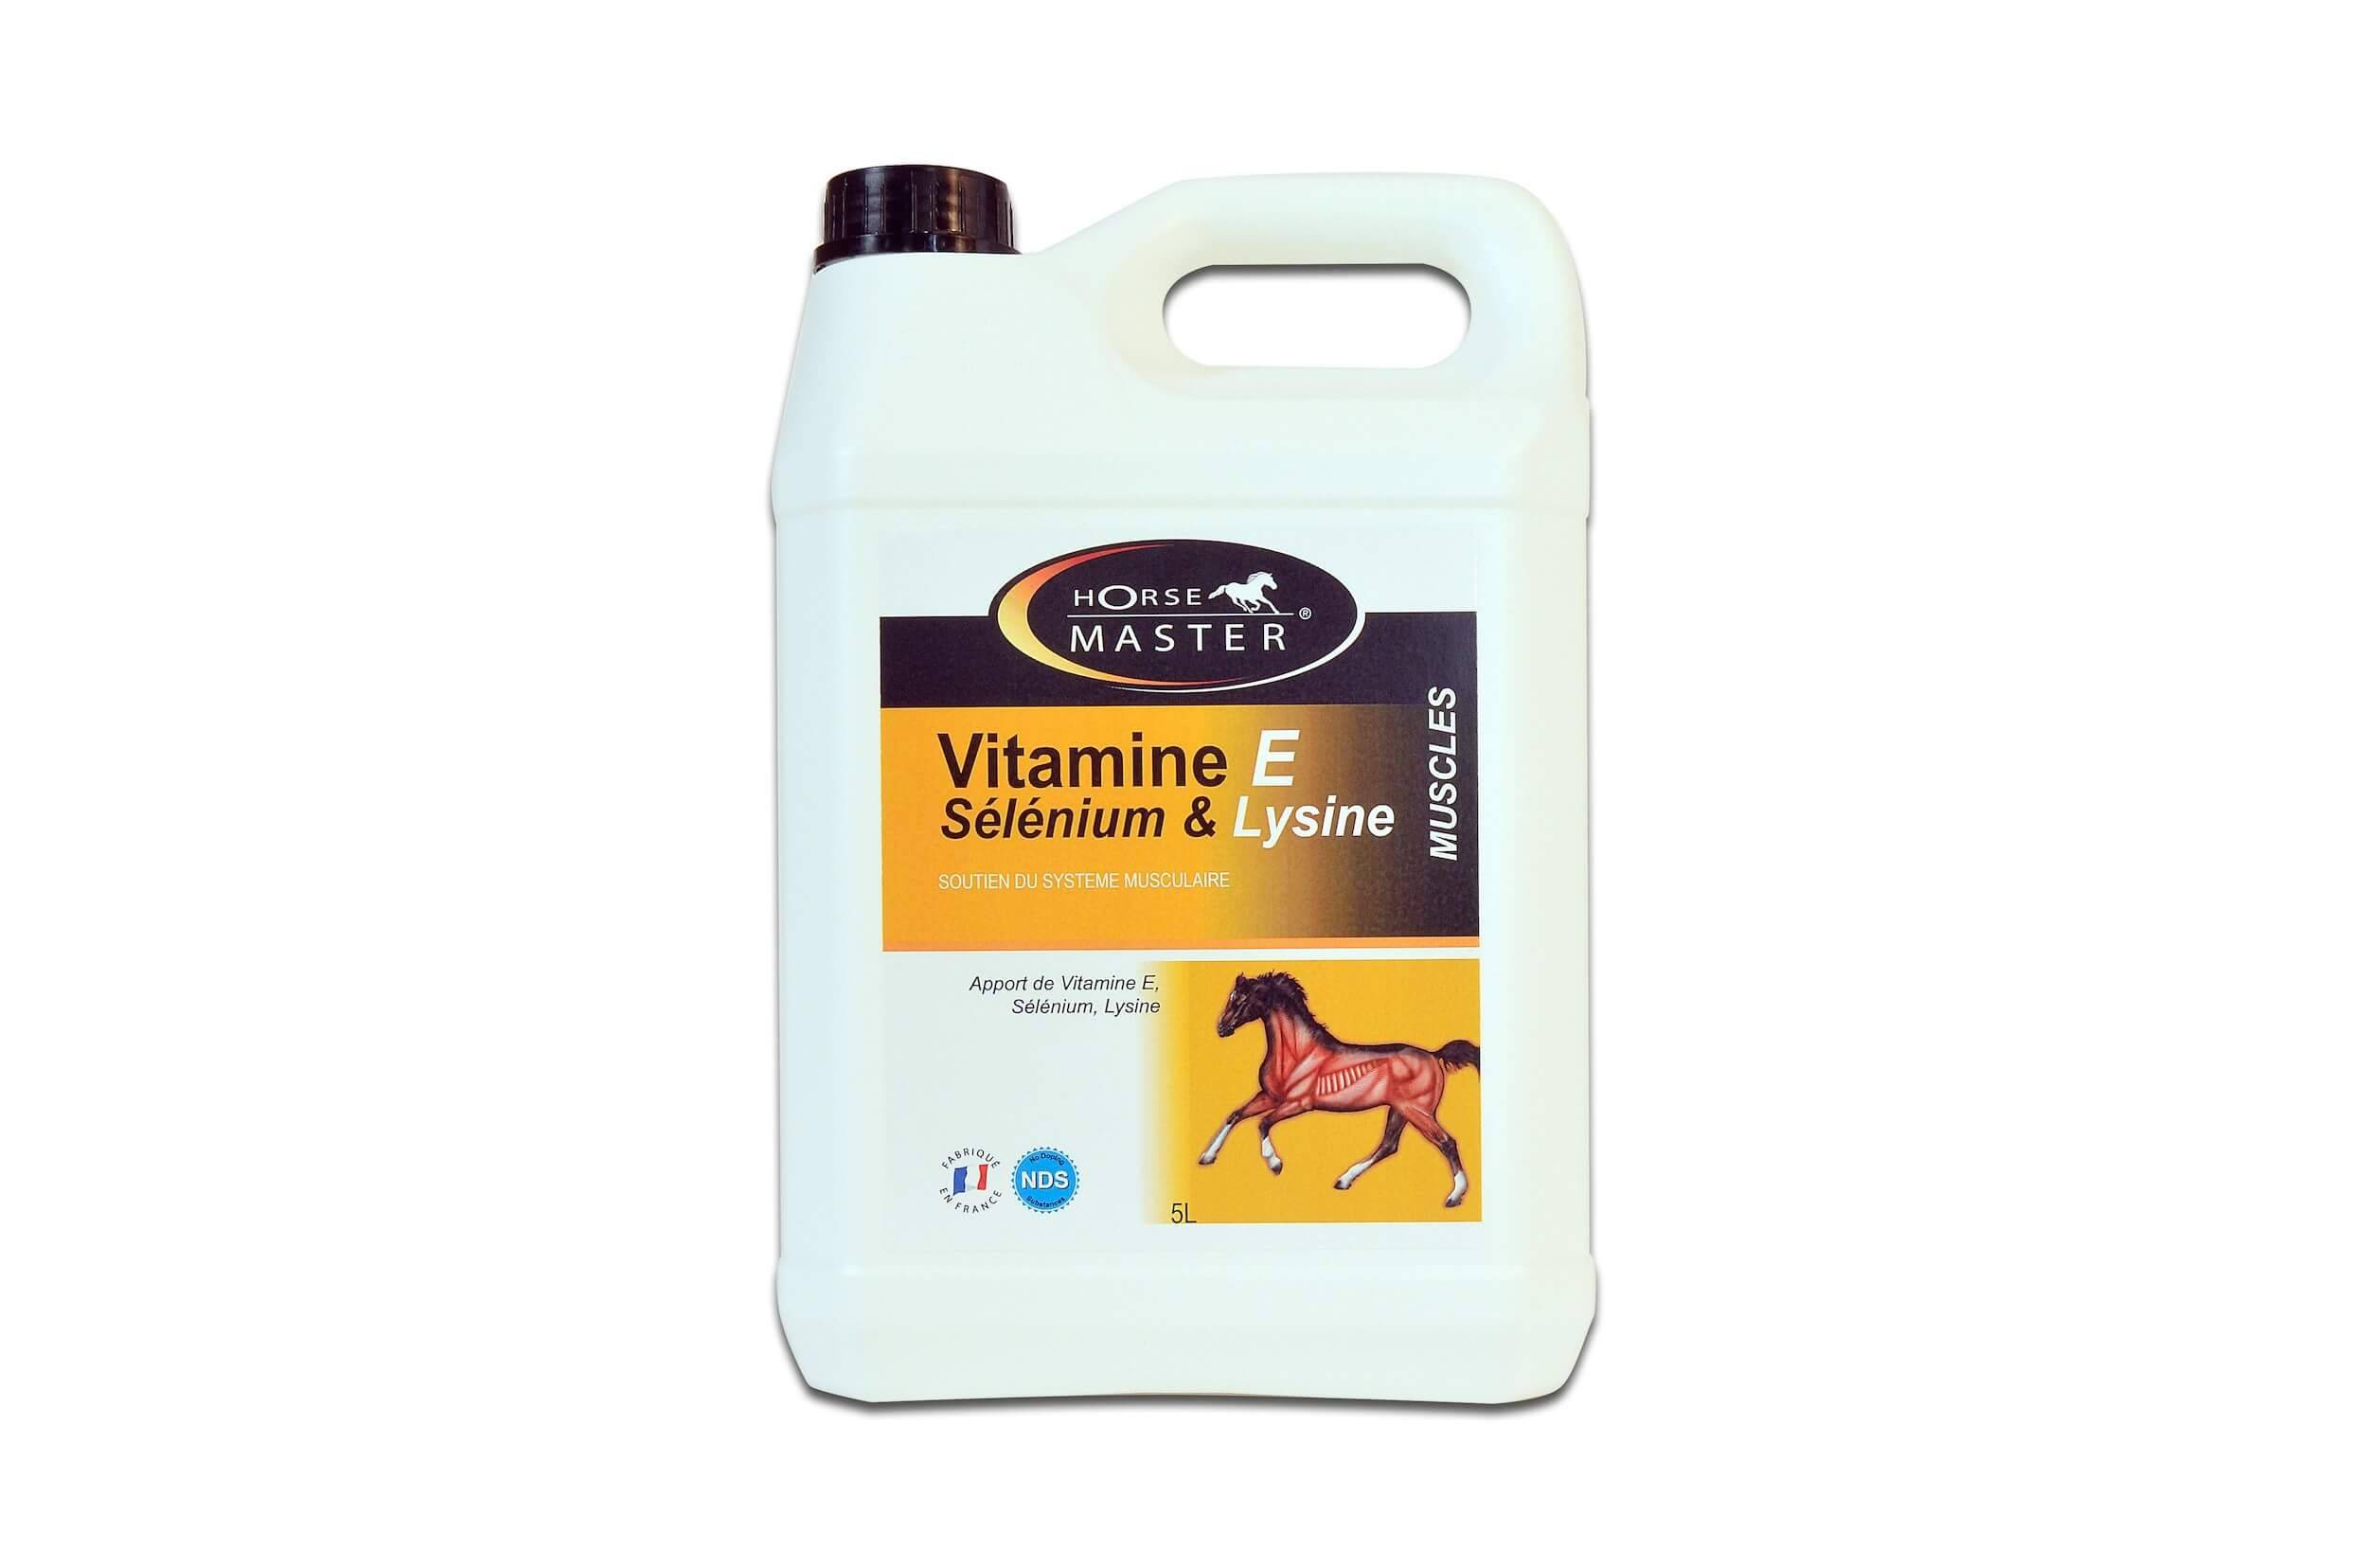 Horse Master Vitamine E - Sélénium & Lysine - Liquide 5 L